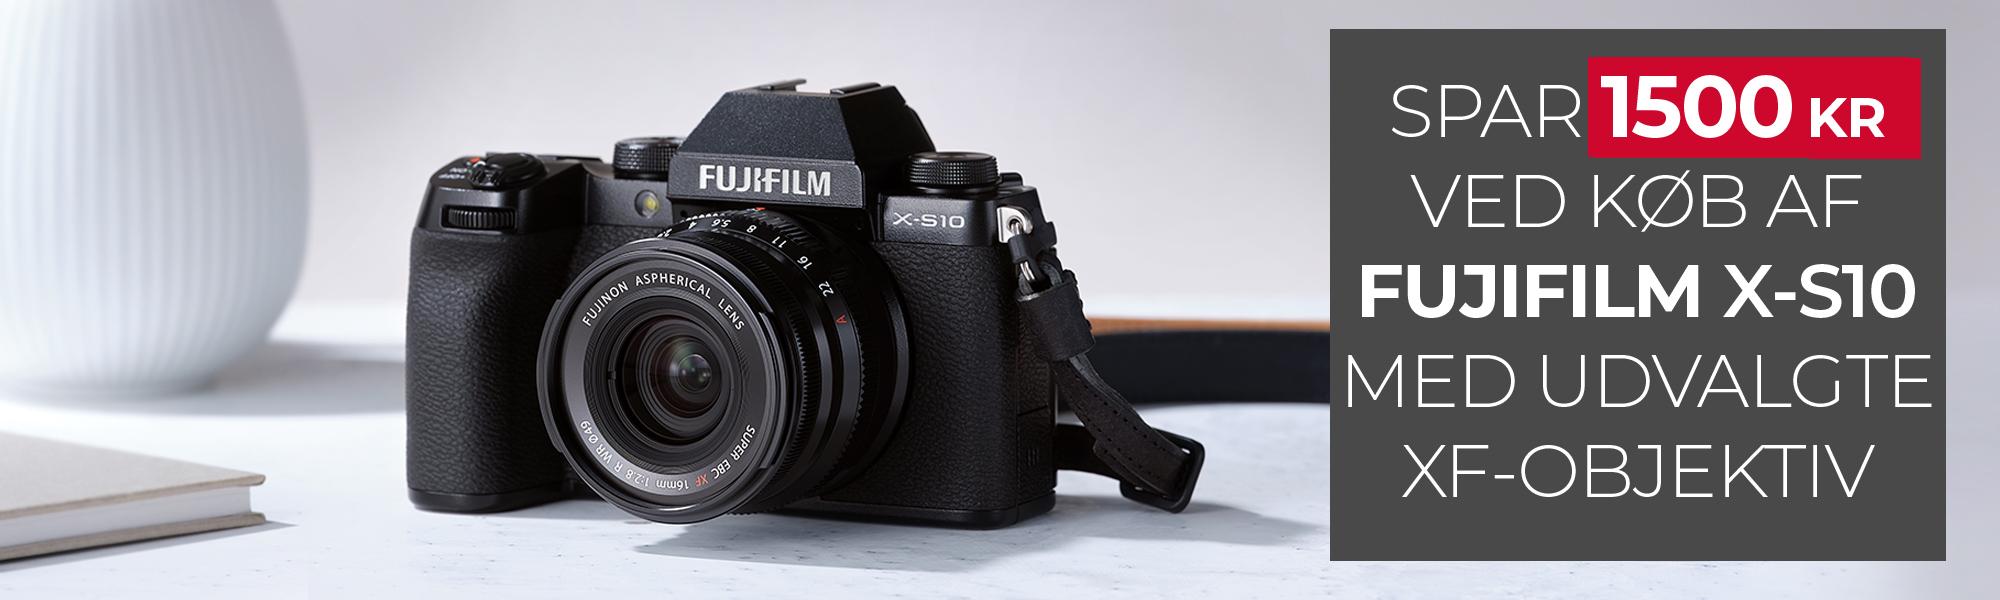 Fujifilm Kampagne Fujifilm X-S10 Kamerahus